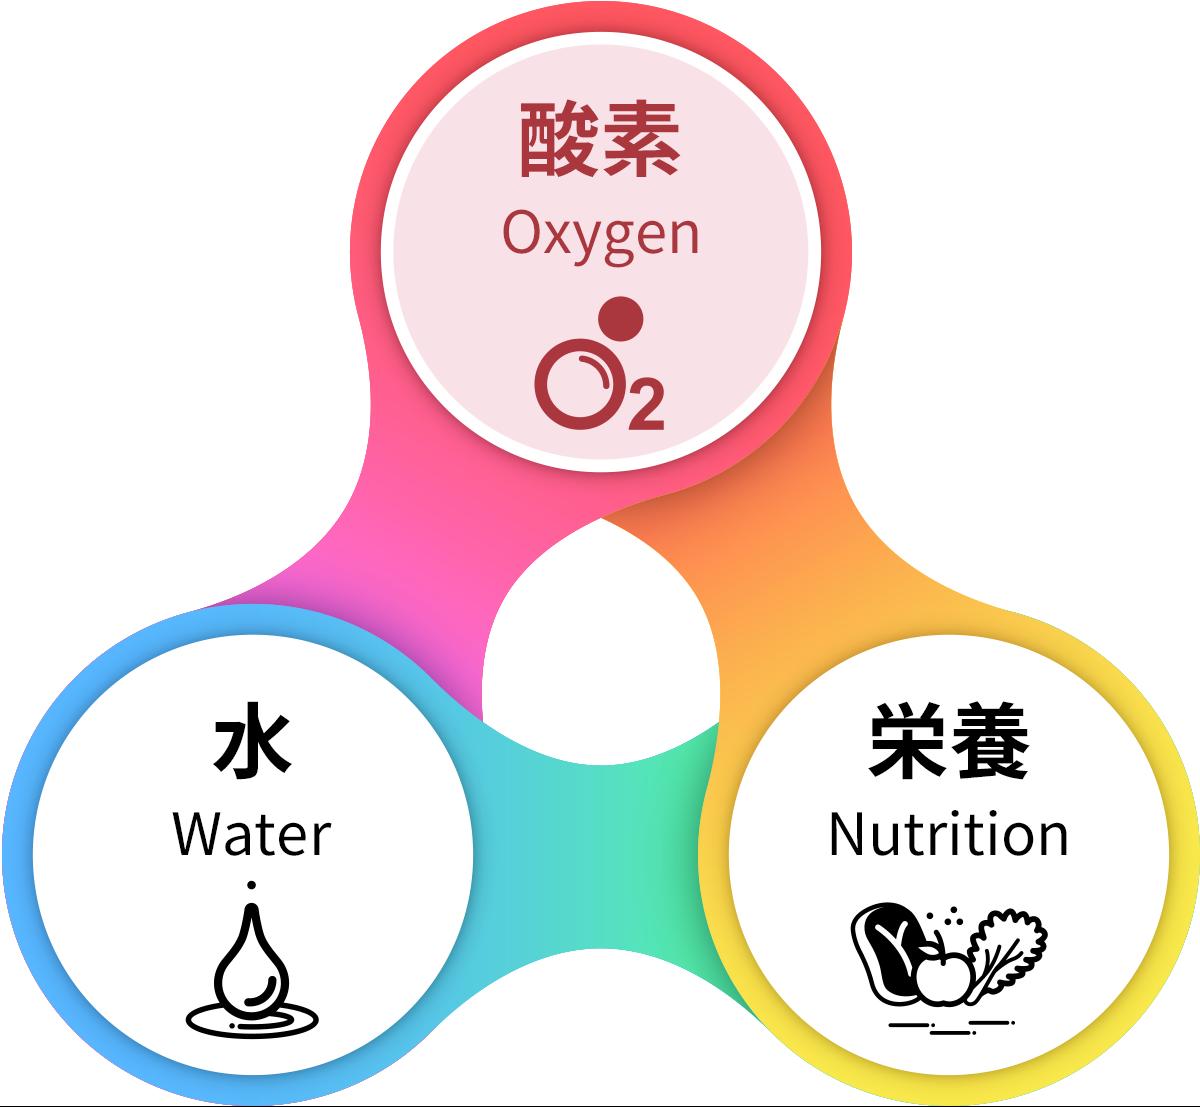 酸素(Oxygen)、水(Water)、栄養(Nutrition)、の3つのトライアングル